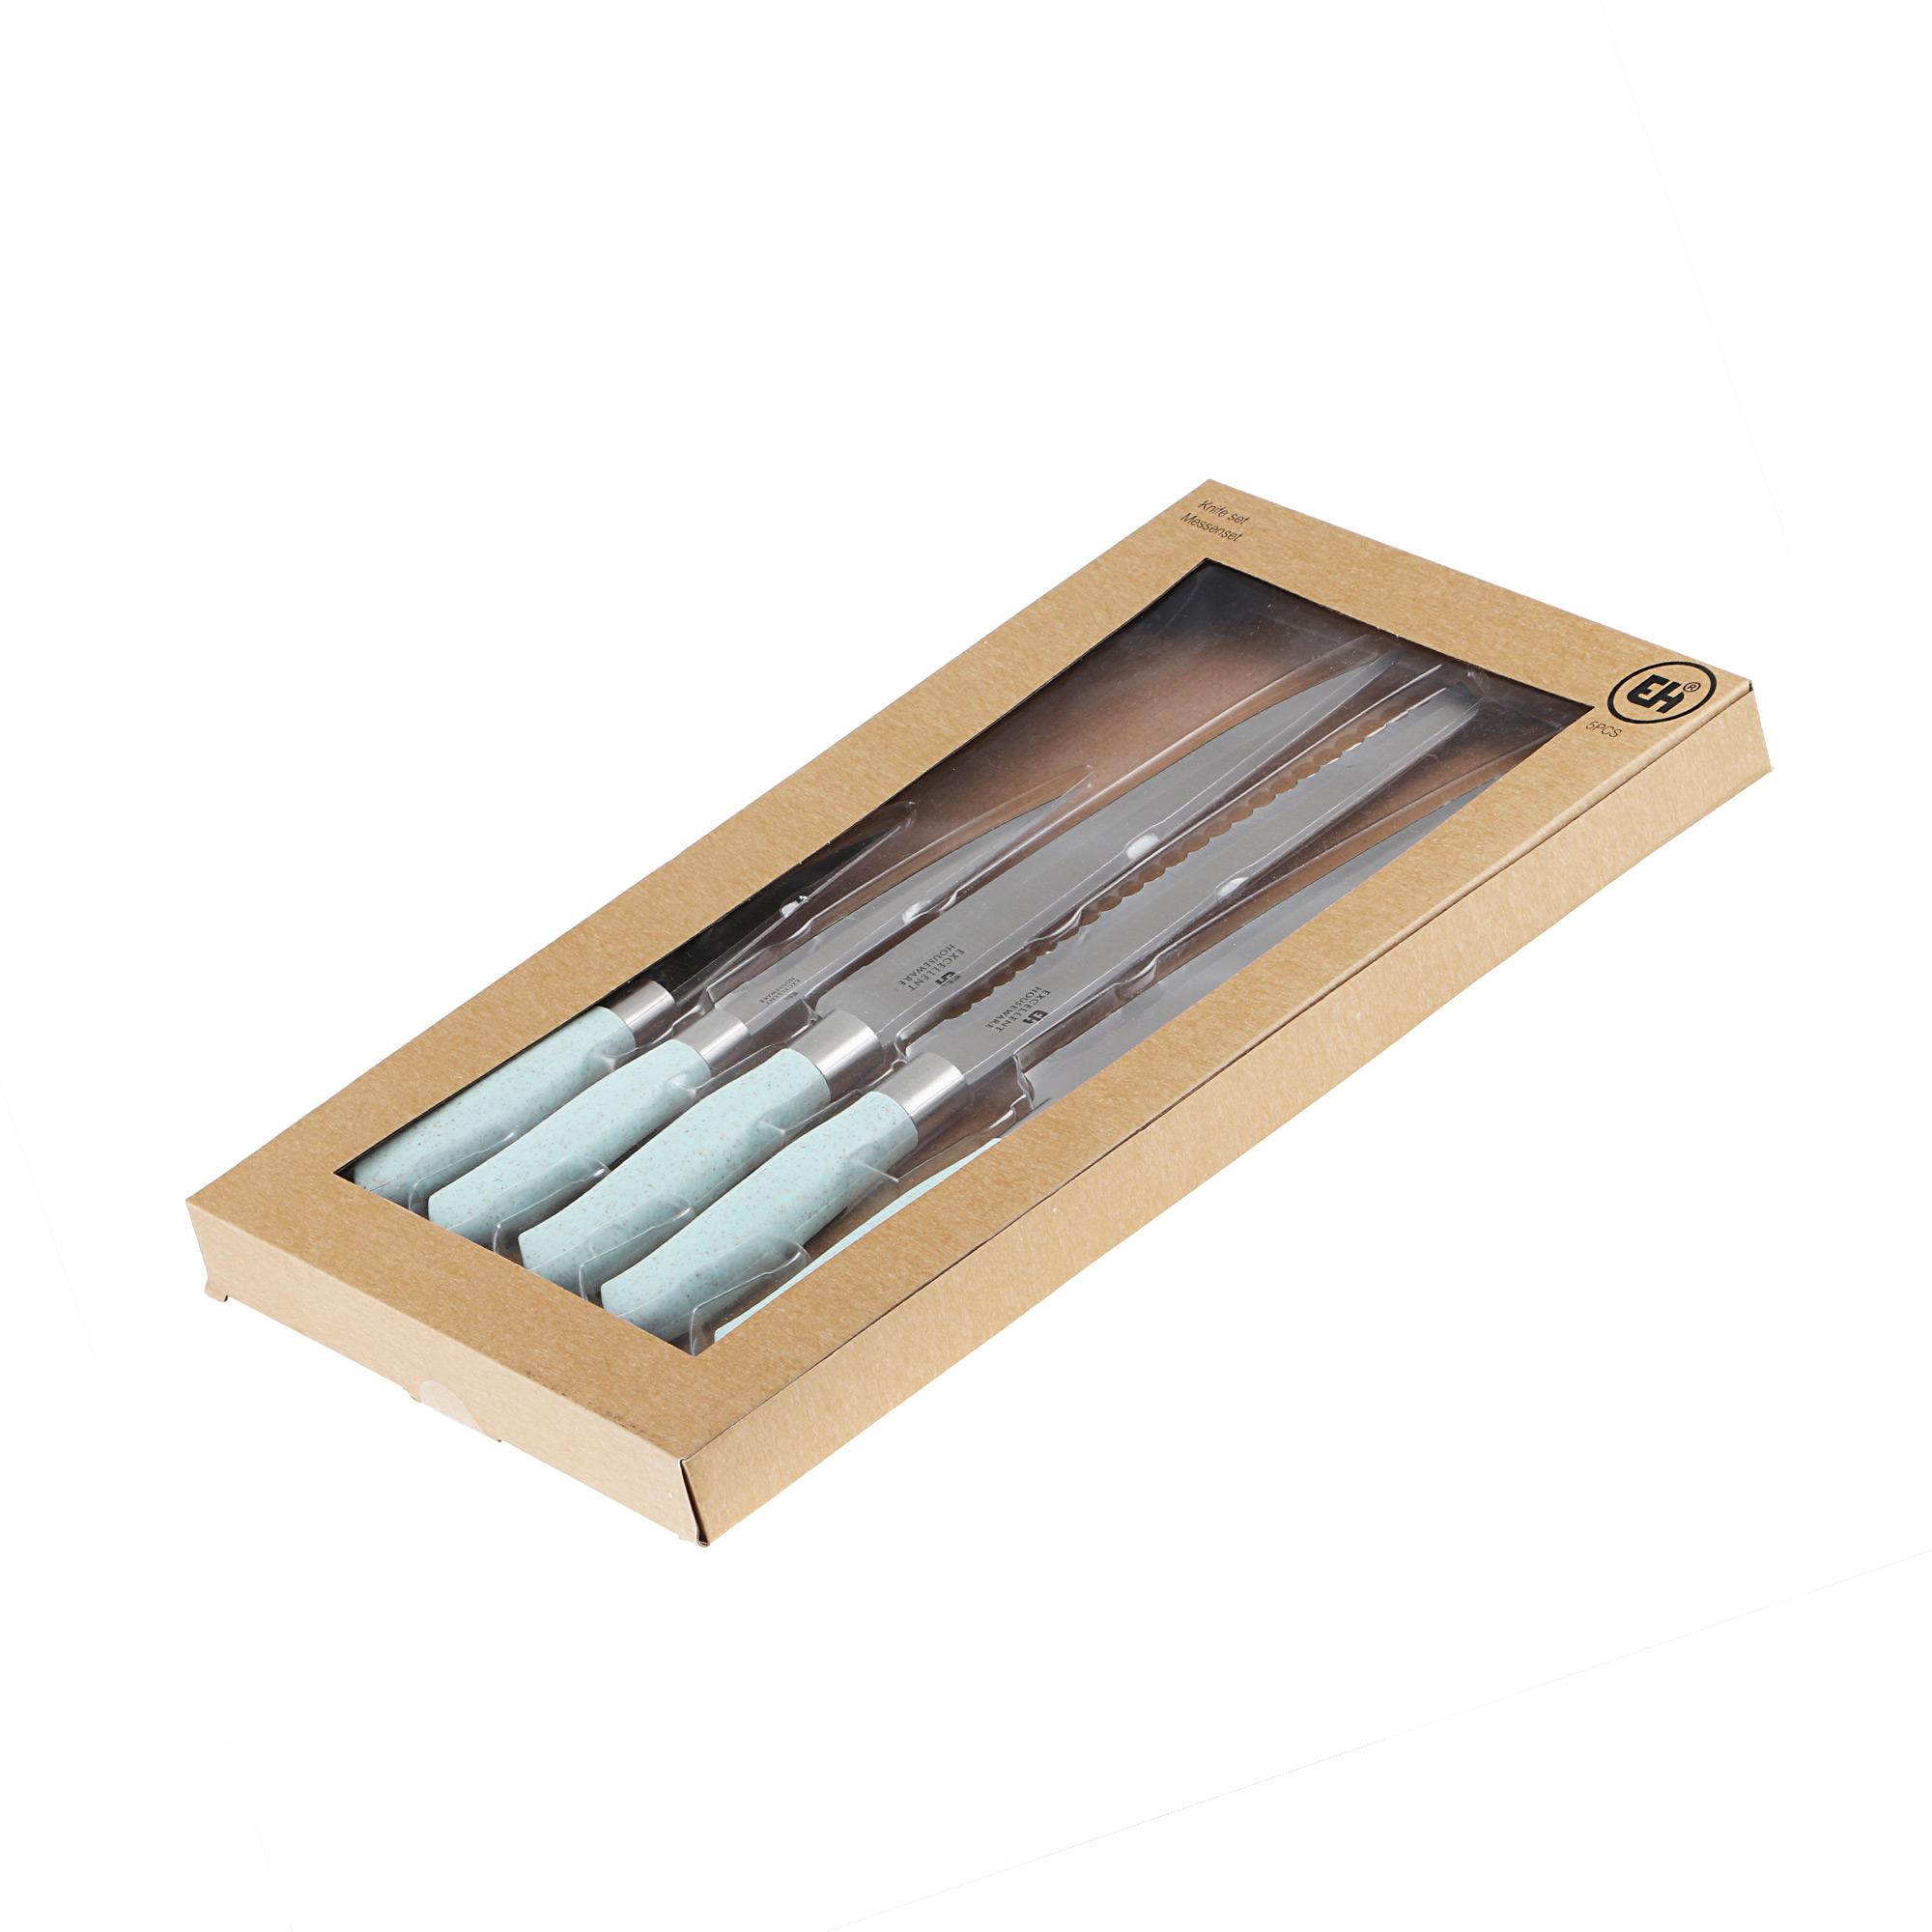 Фото - Набор кухонных ножей Koopman tableware 5 шт набор кухонных ножей zwilling pro 38438 000